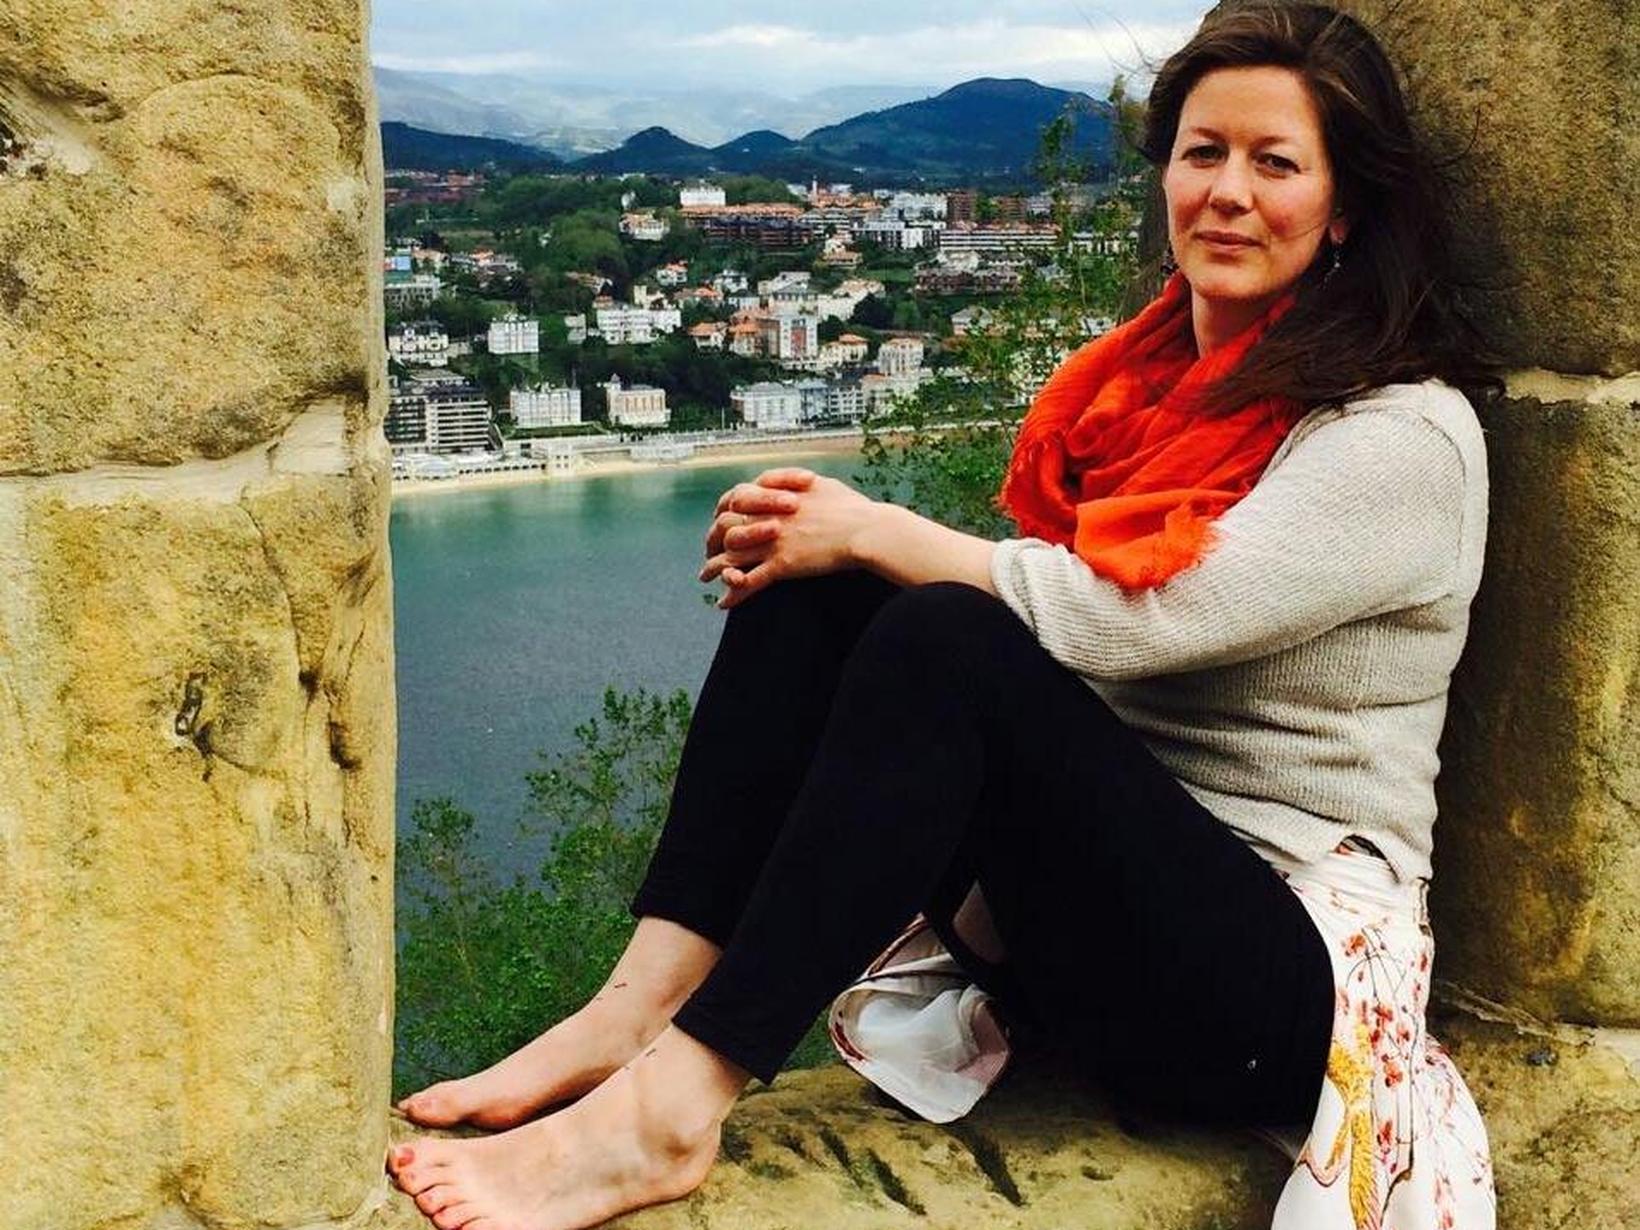 Iona from Kinsale, Ireland